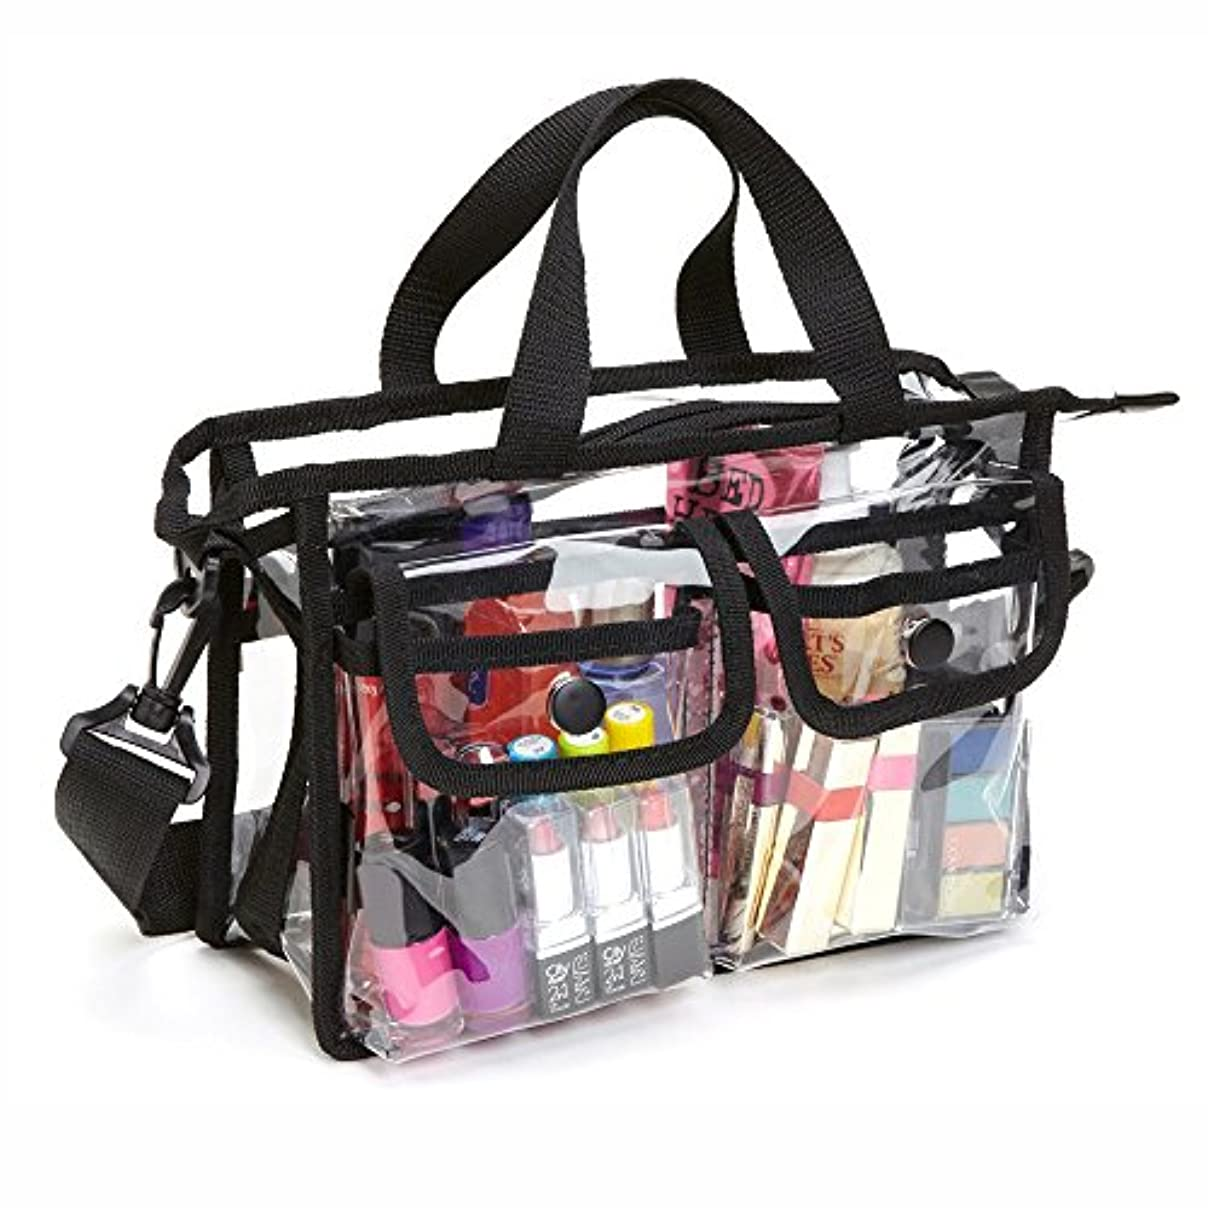 凍結内向き本物メイクバッグ Akane EVA ショルダーバッグ 透明 お風呂 防水 厚く 家用 便利 旅行 ビーチ 化粧バッグ